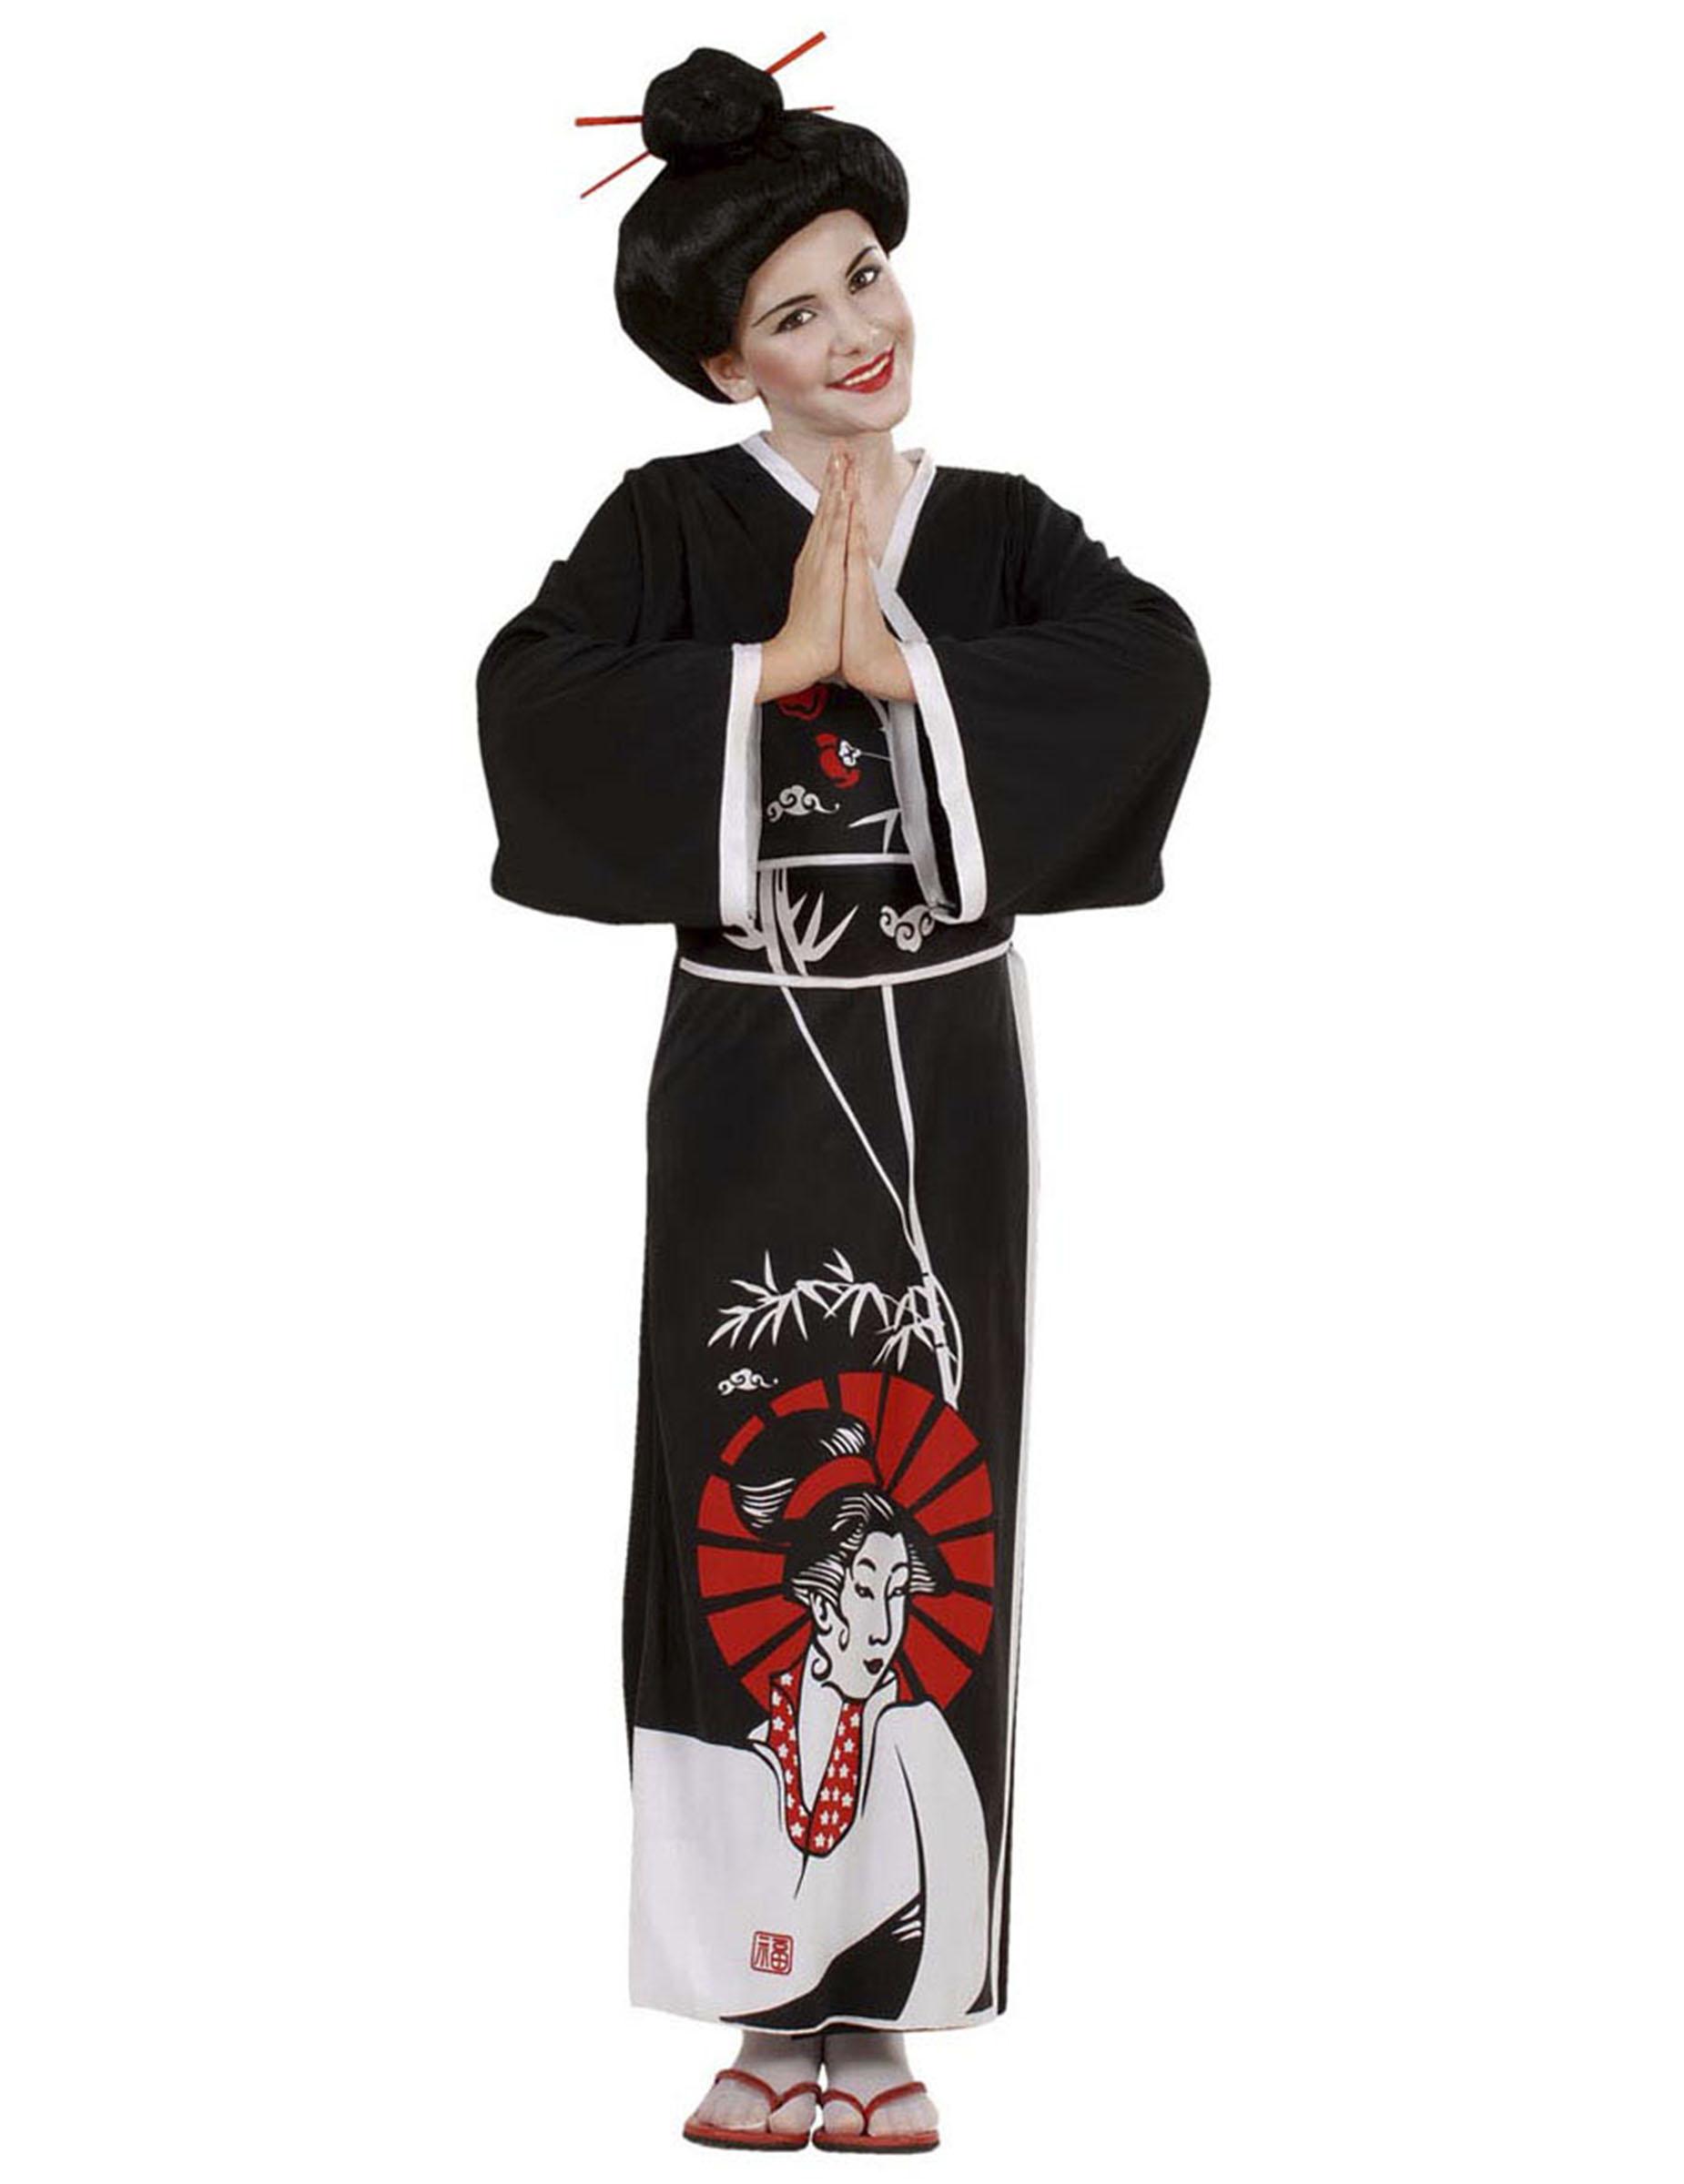 Costume Cinese nero per bambina  Costumi bambini 85e427365ddd